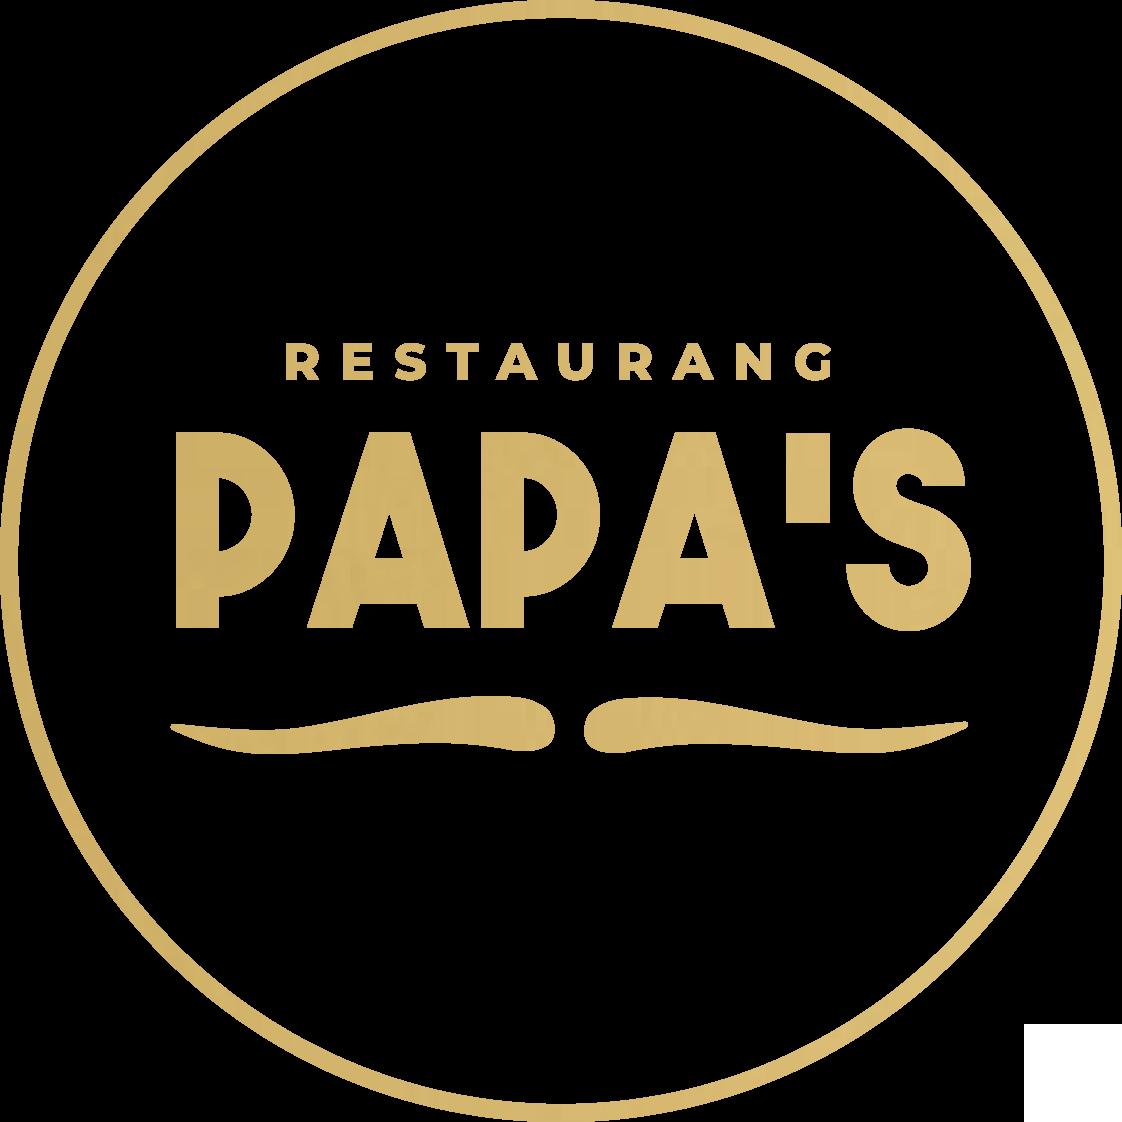 papas-guld